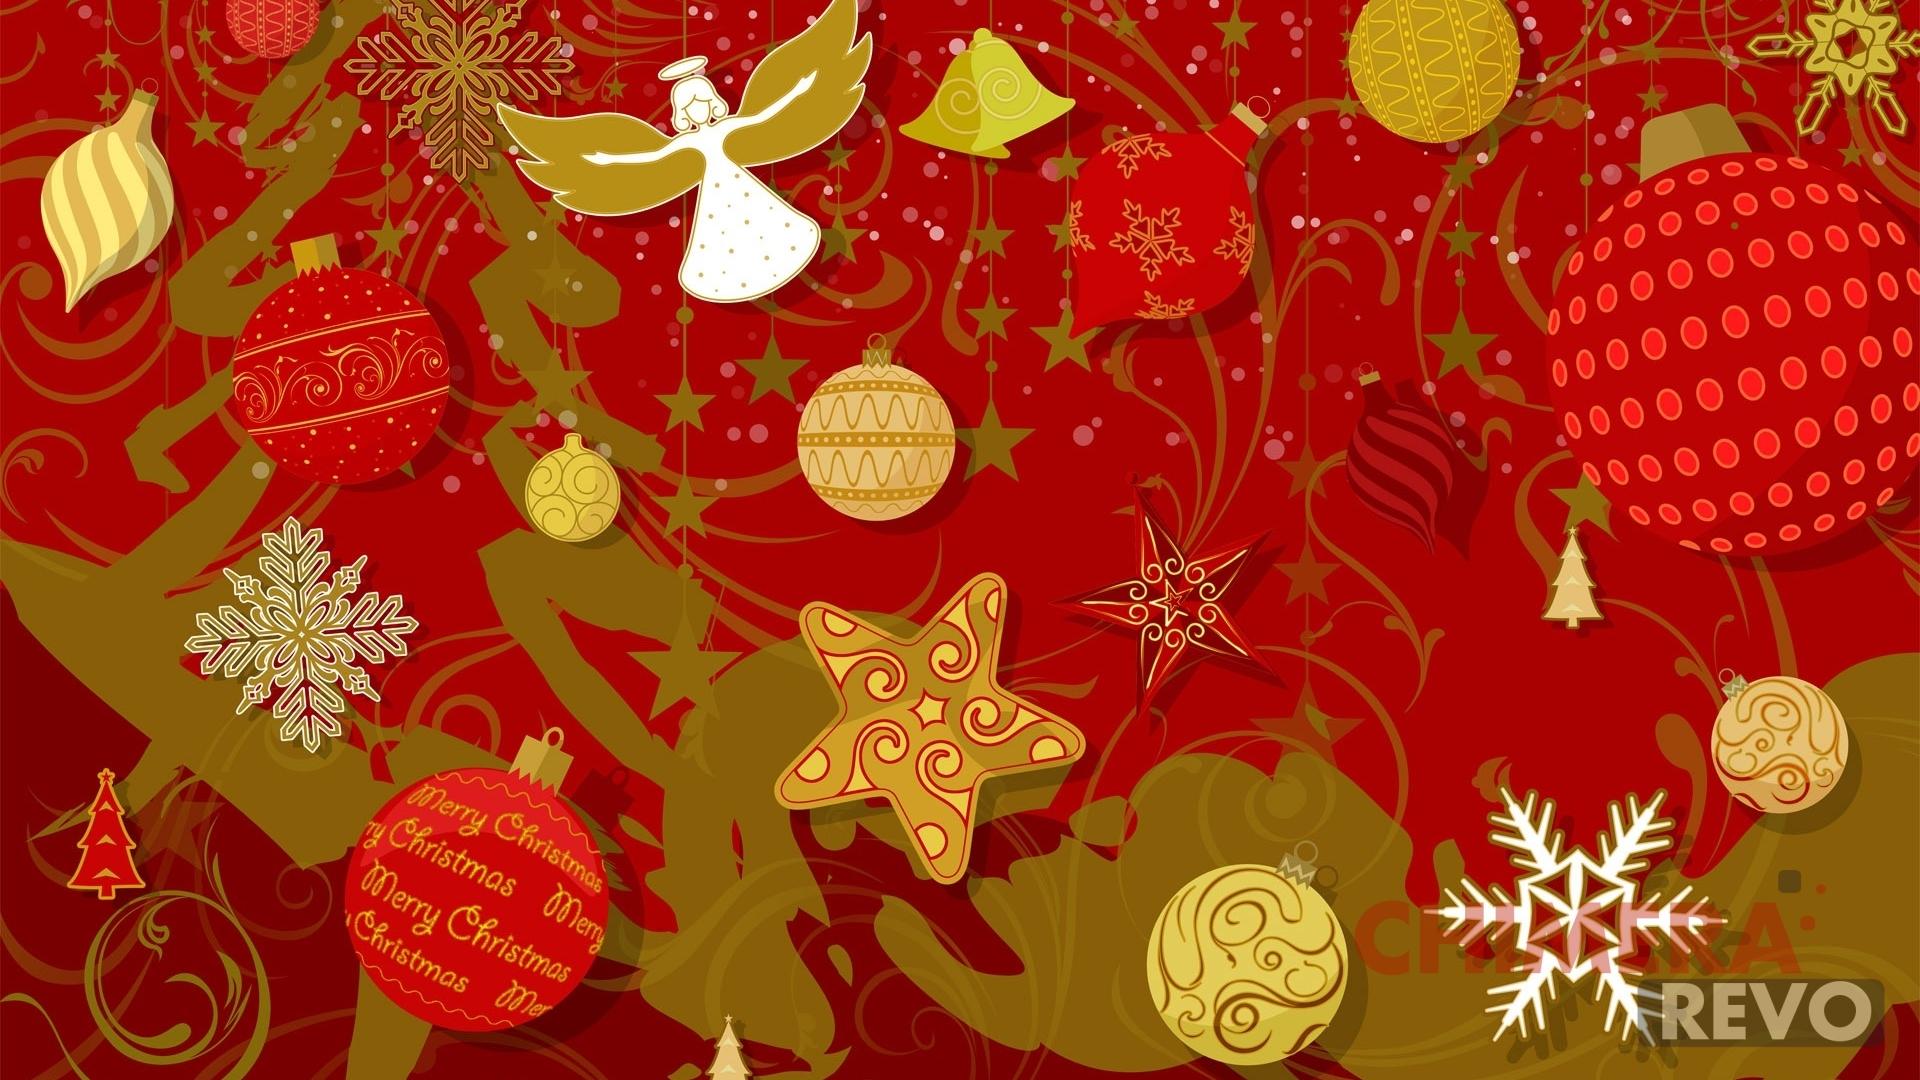 Sfondi Natalizi Bellissimi.16 Bellissimi Sfondi Di Natale Per Pc Smartphone E Tablet Chimerarevo